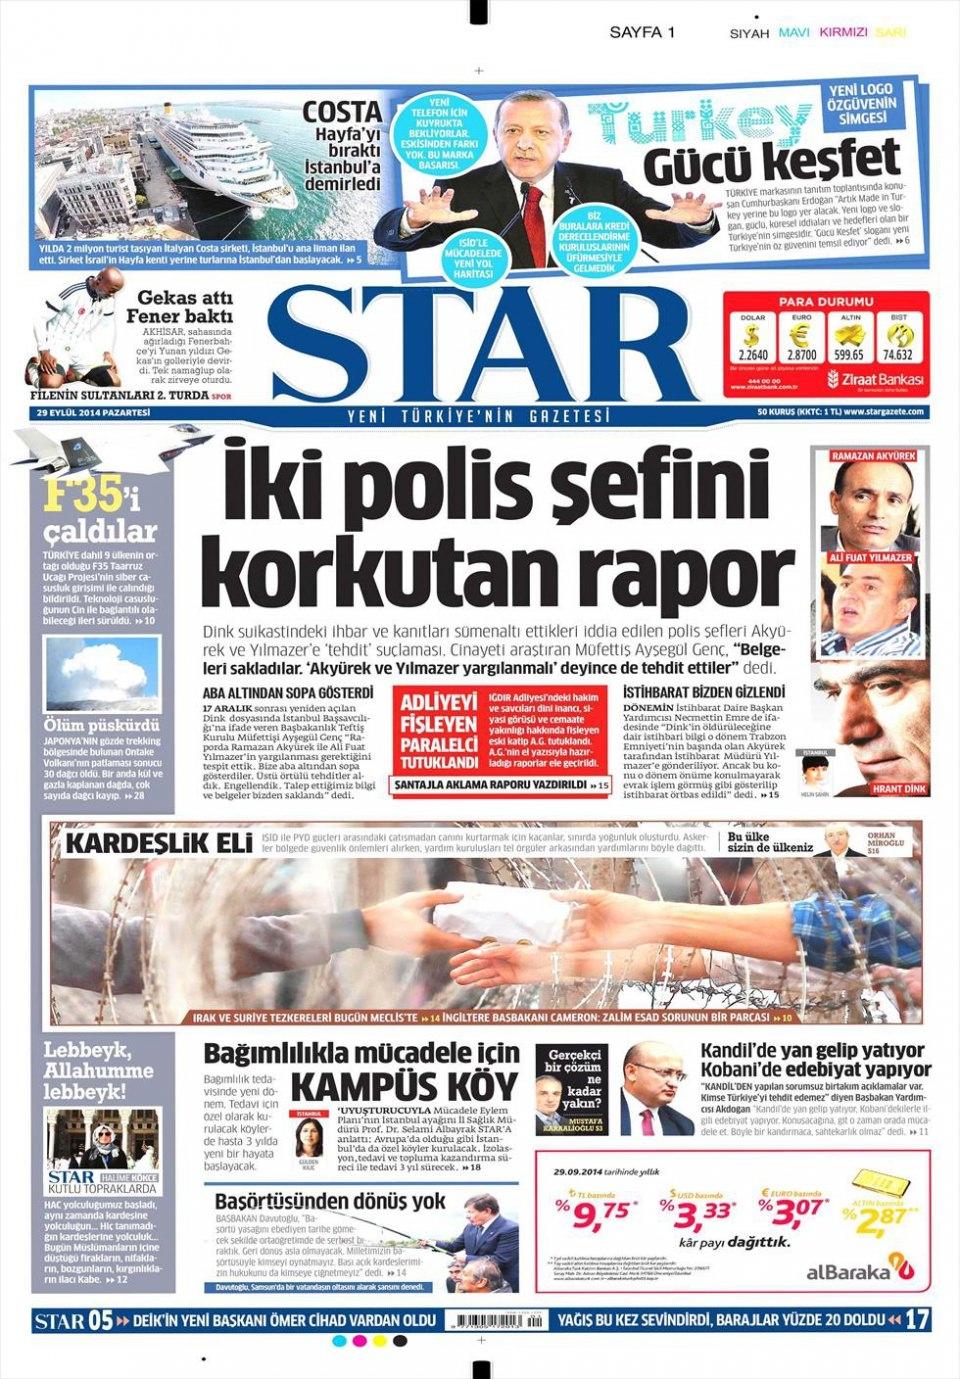 29 Eylül 2014 gazete manşetleri 18